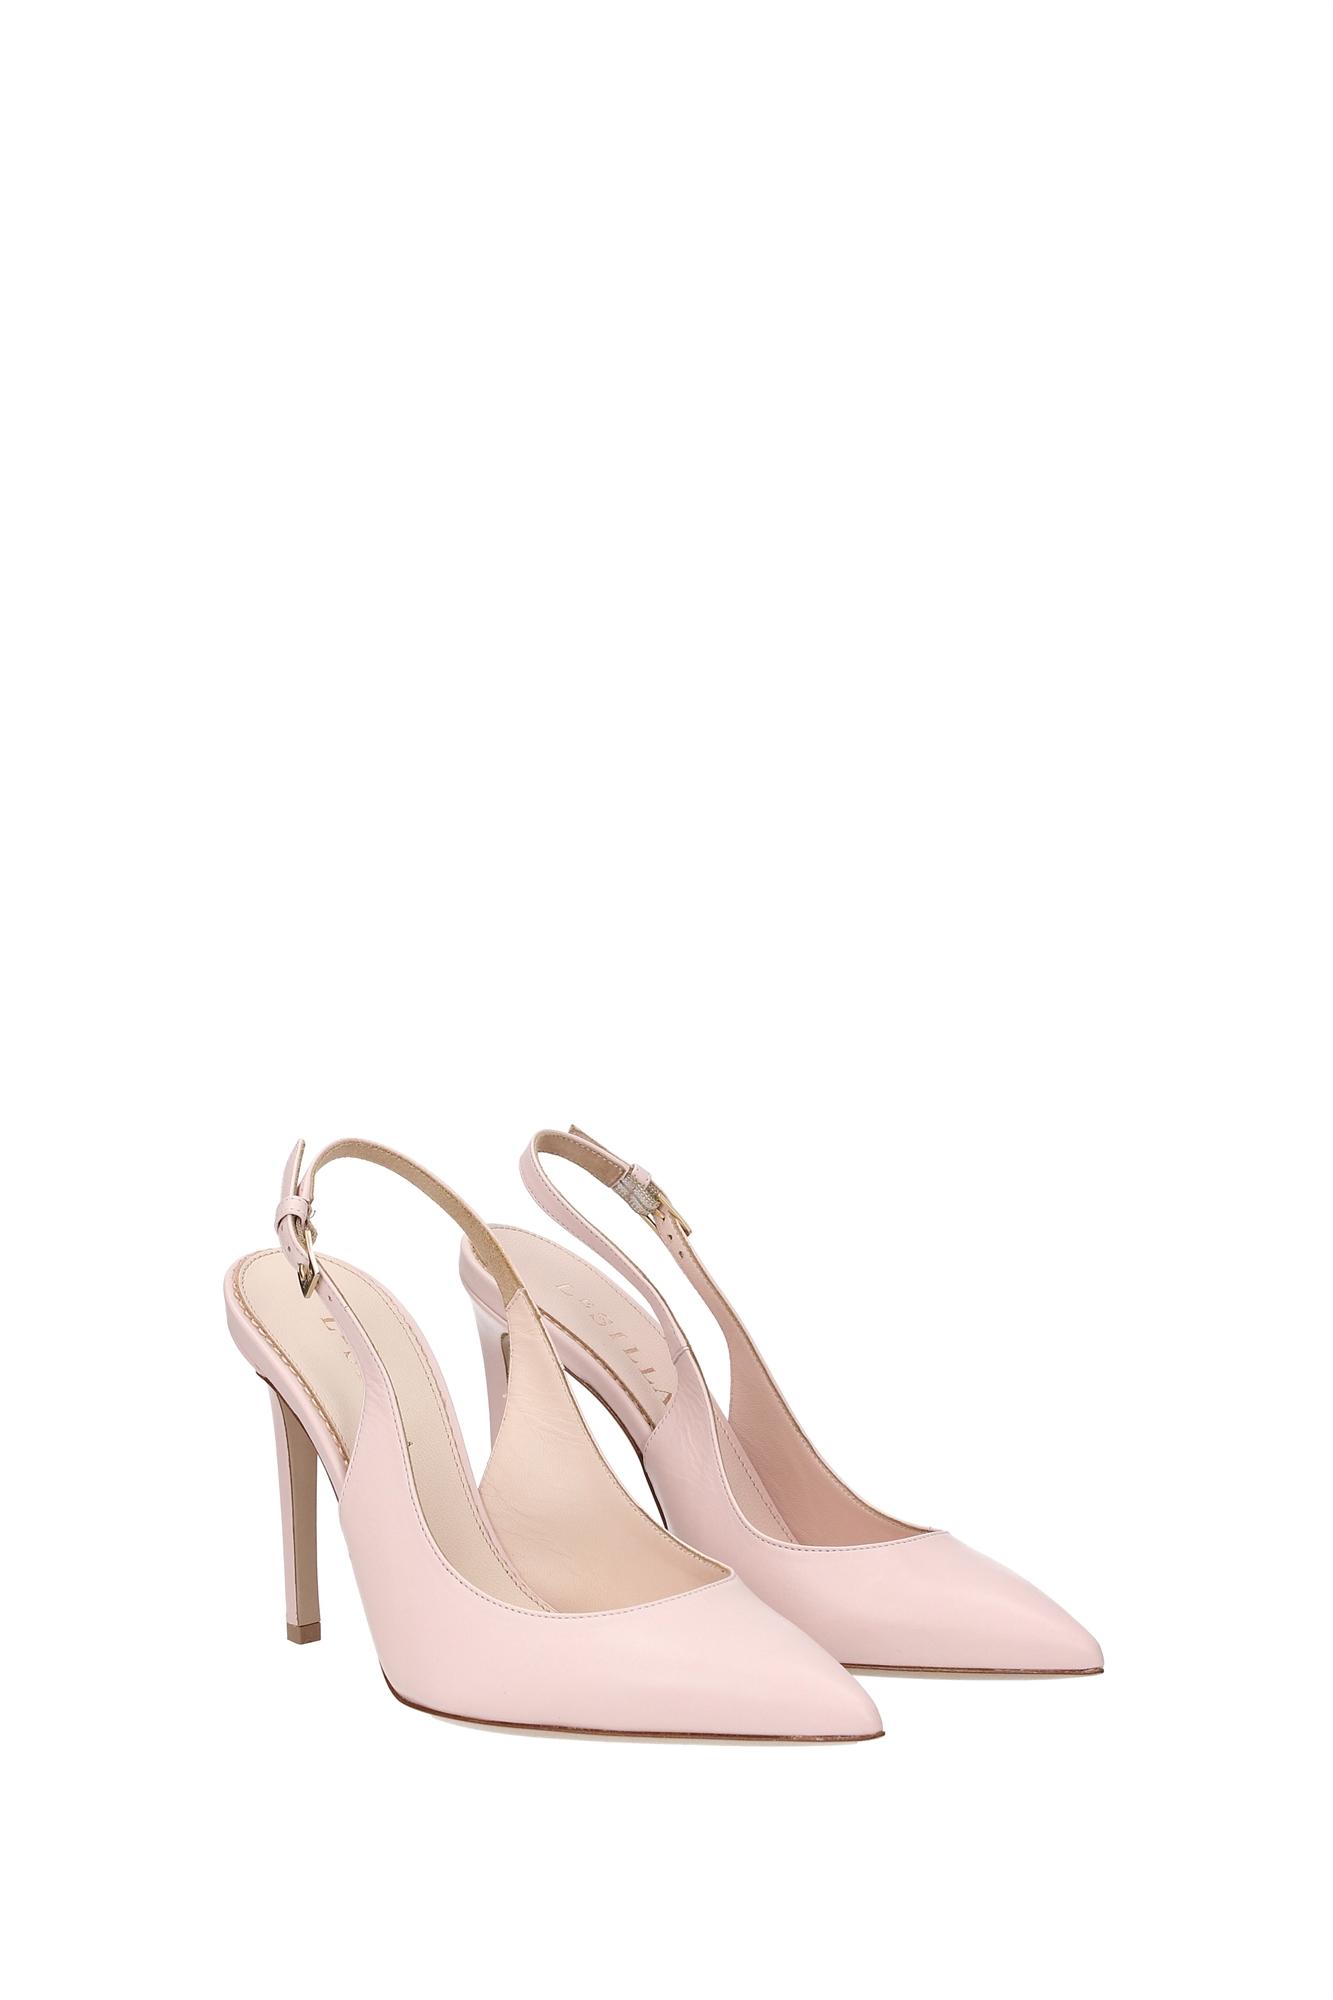 sandalen le silla damen leder rosa d21099rosa ebay. Black Bedroom Furniture Sets. Home Design Ideas